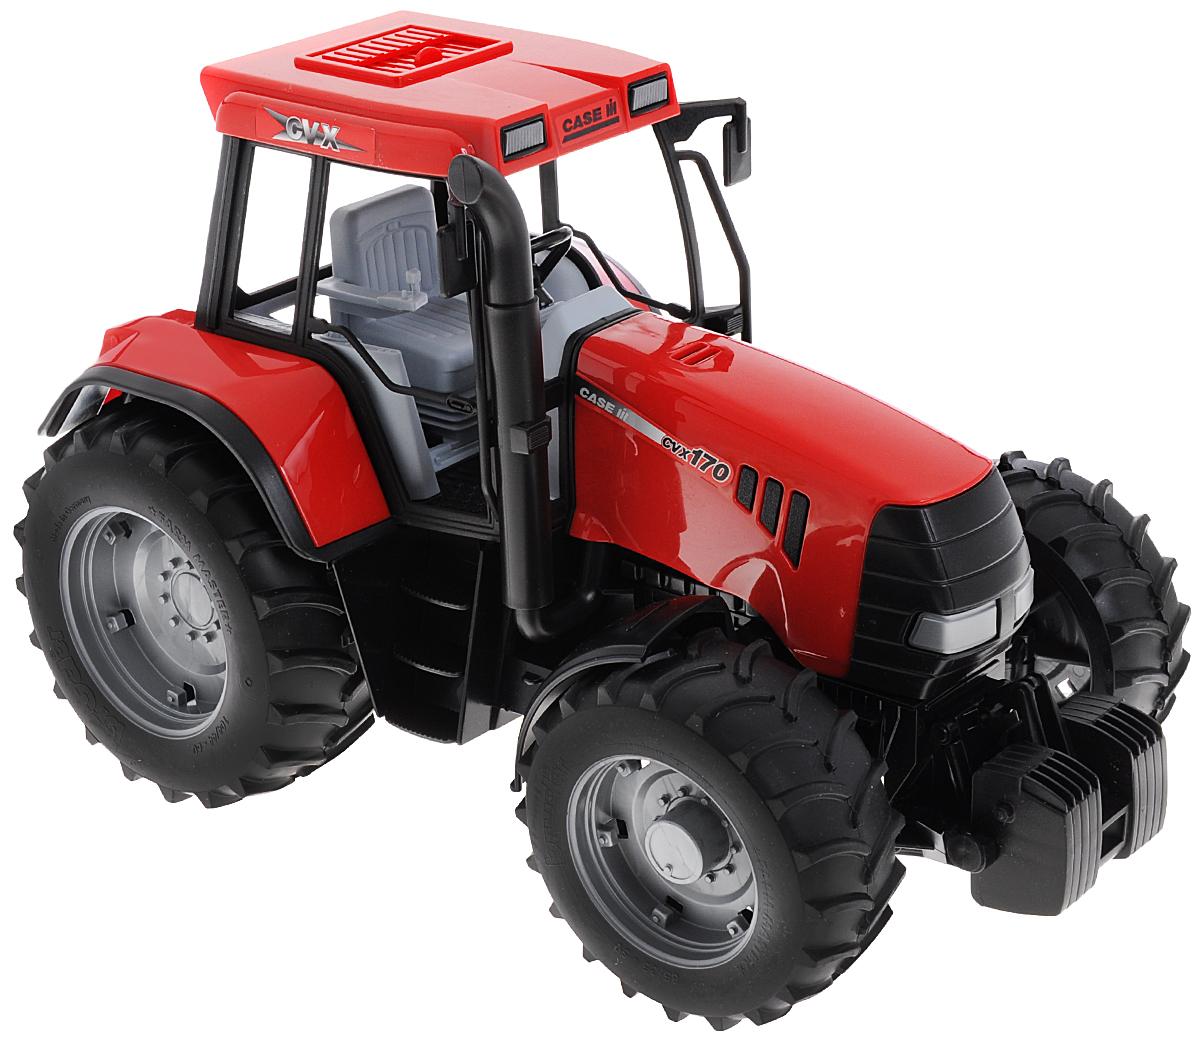 Bruder Трактор Case IH CVX 17002-090Трактор Bruder Case IH CVX 170 сделает игры вашего ребенка интересными и увлекательными. Большое количество деталей и функций трактора позволяют им не только управлять, но и дополнять его различными запчастями, которые можно приобретать отдельно. Трактор выполнен из ударопрочного пластика, колеса модели прорезинены, открытая кабина без стекла. Внутри кабины находятся руль, управляющий передними колесами, сидение и рычаги. На крыше сверху есть люк, который можно открывать. Капот трактора открывается, внутри капота расположен декоративный двигатель трактора. Трактор Bruder Case IH CVX 170 помогает расширить мировоззрение и кругозор ребенка. Игрушка научит мальчика сельскохозяйственным работам и привяжет его интерес к агропромышленной технике.